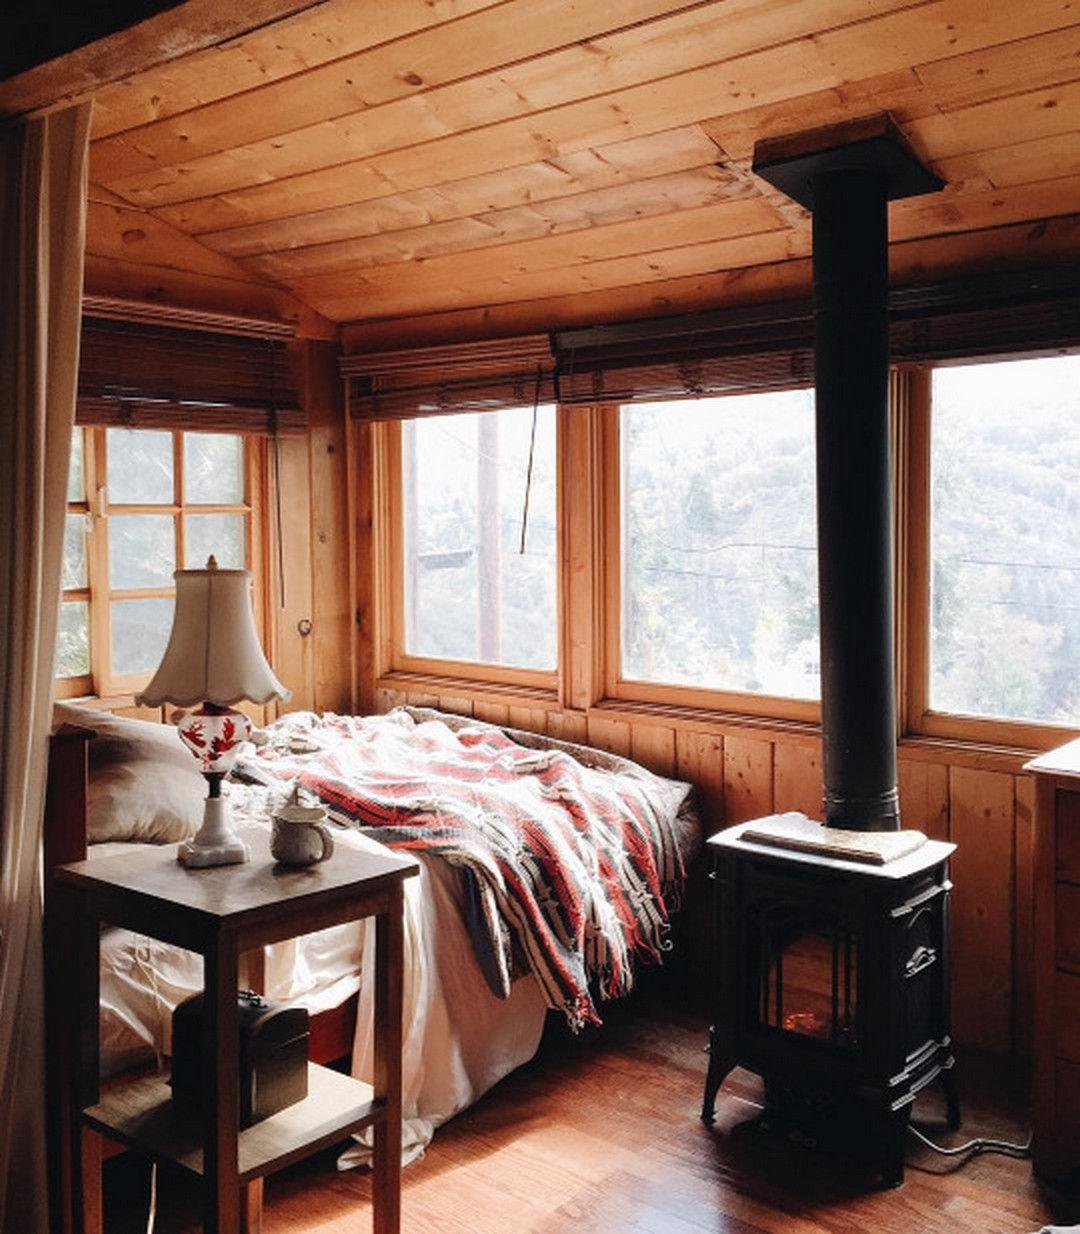 Modern Cozy Mountain Home Design Ideas | Cabin interiors ...